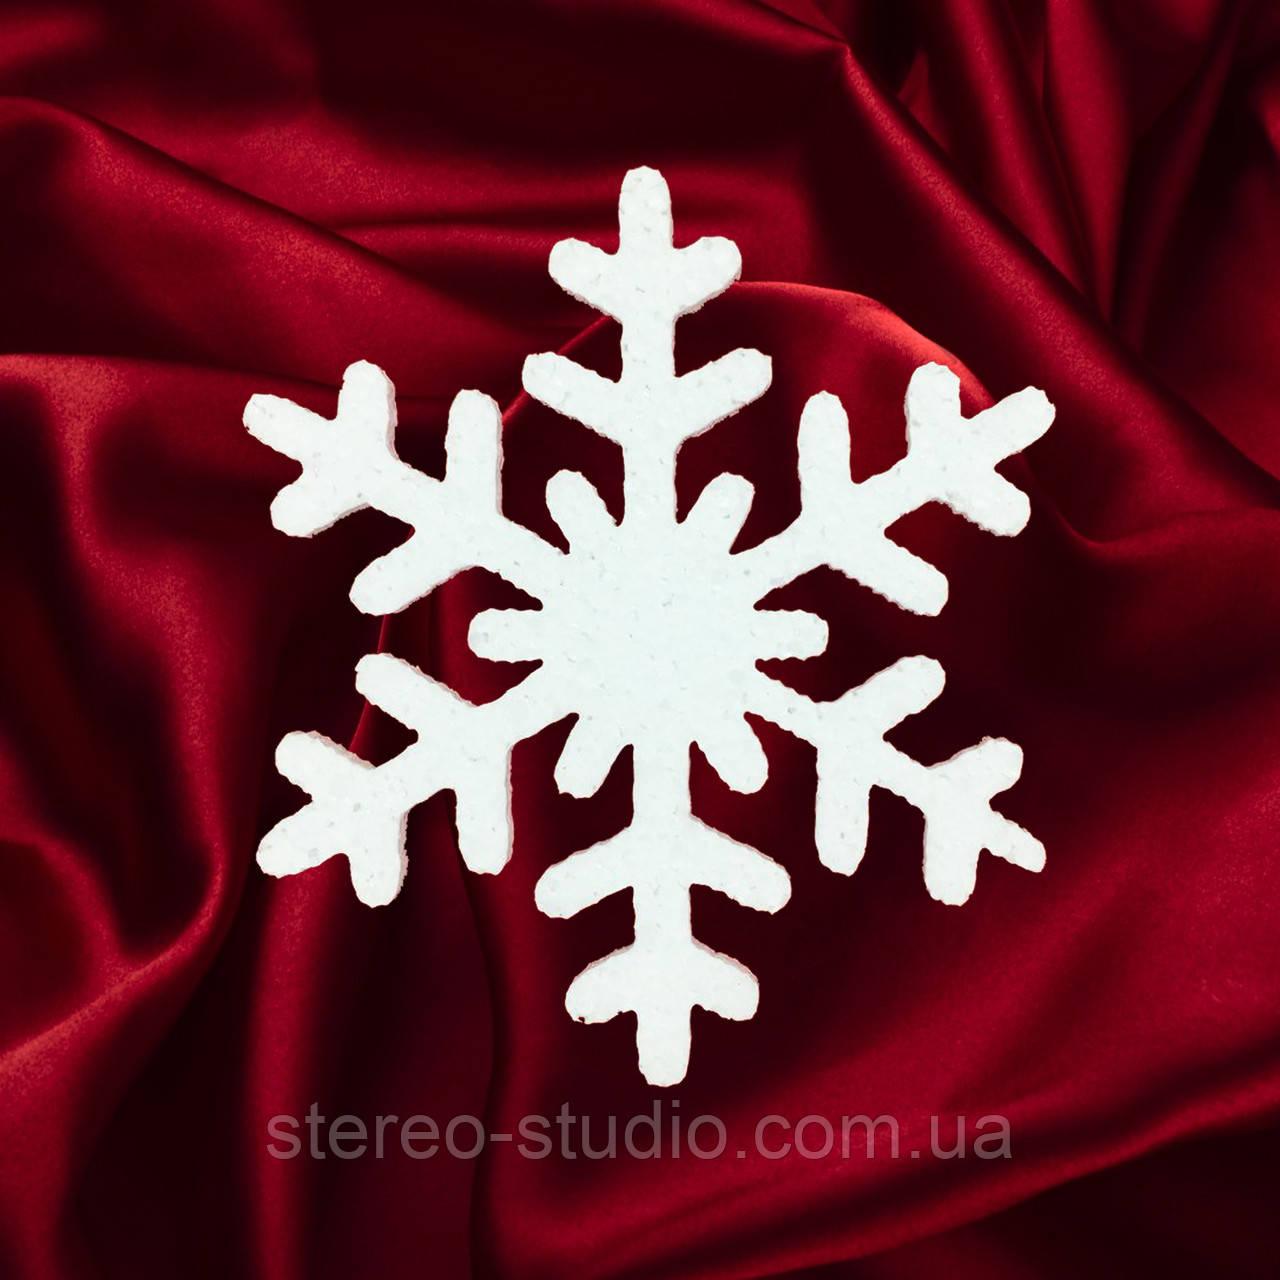 Снежинка из пенопласта №1 (20см, 30см, 40см, 50см, 60 см, 70 см, 80 см, 90см, 100см)